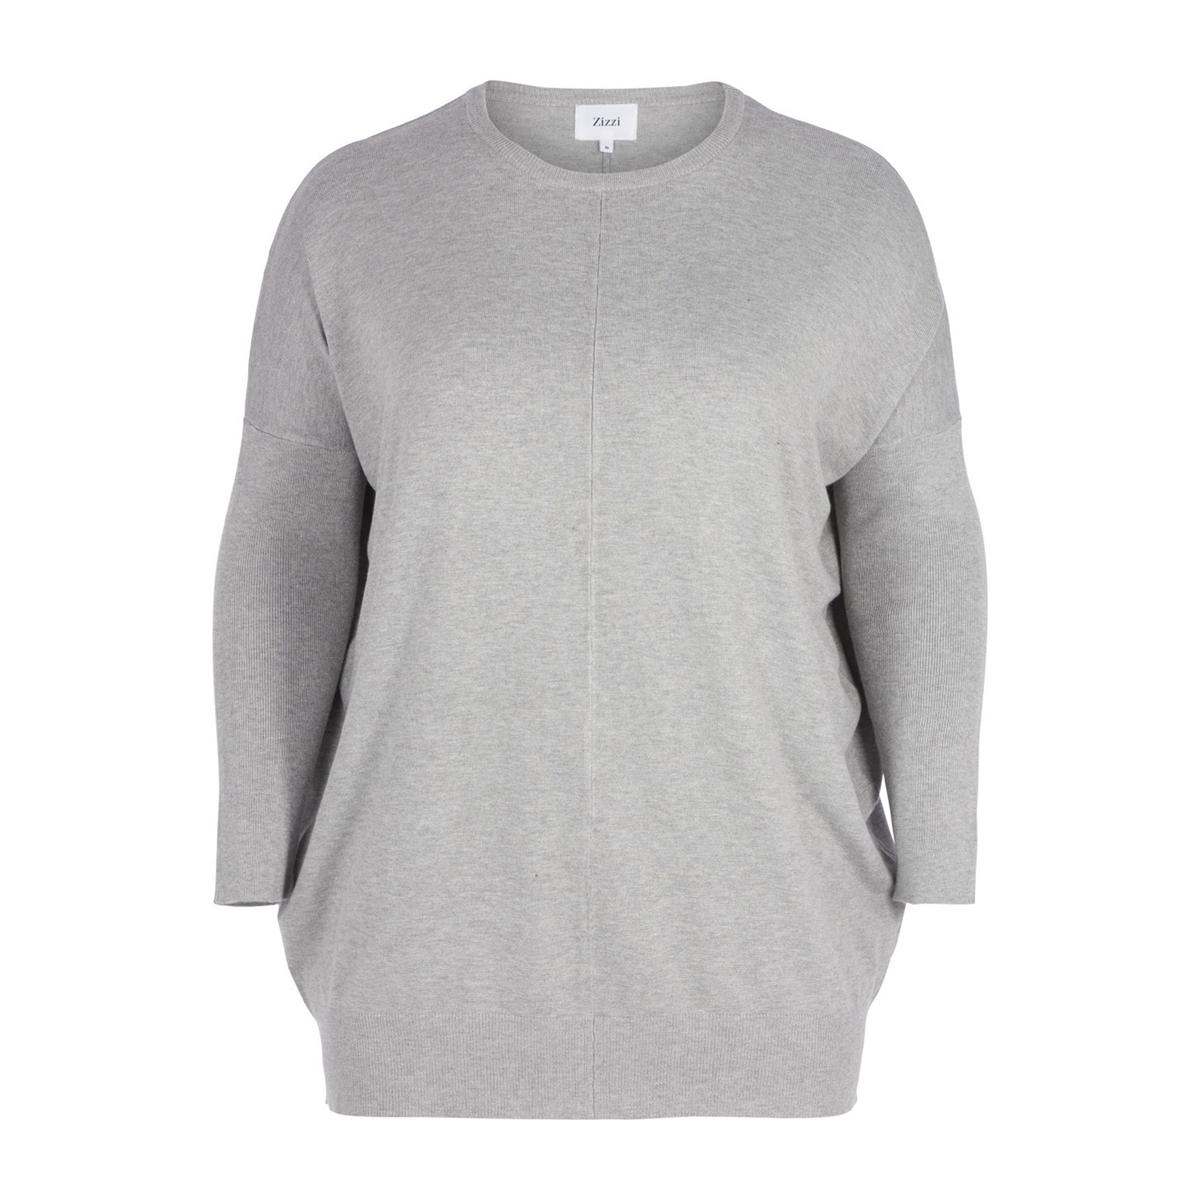 Пуловер La Redoute С круглым вырезом из тонкого трикотажа L серый пуловер la redoute с круглым вырезом из тонкого трикотажа l красный